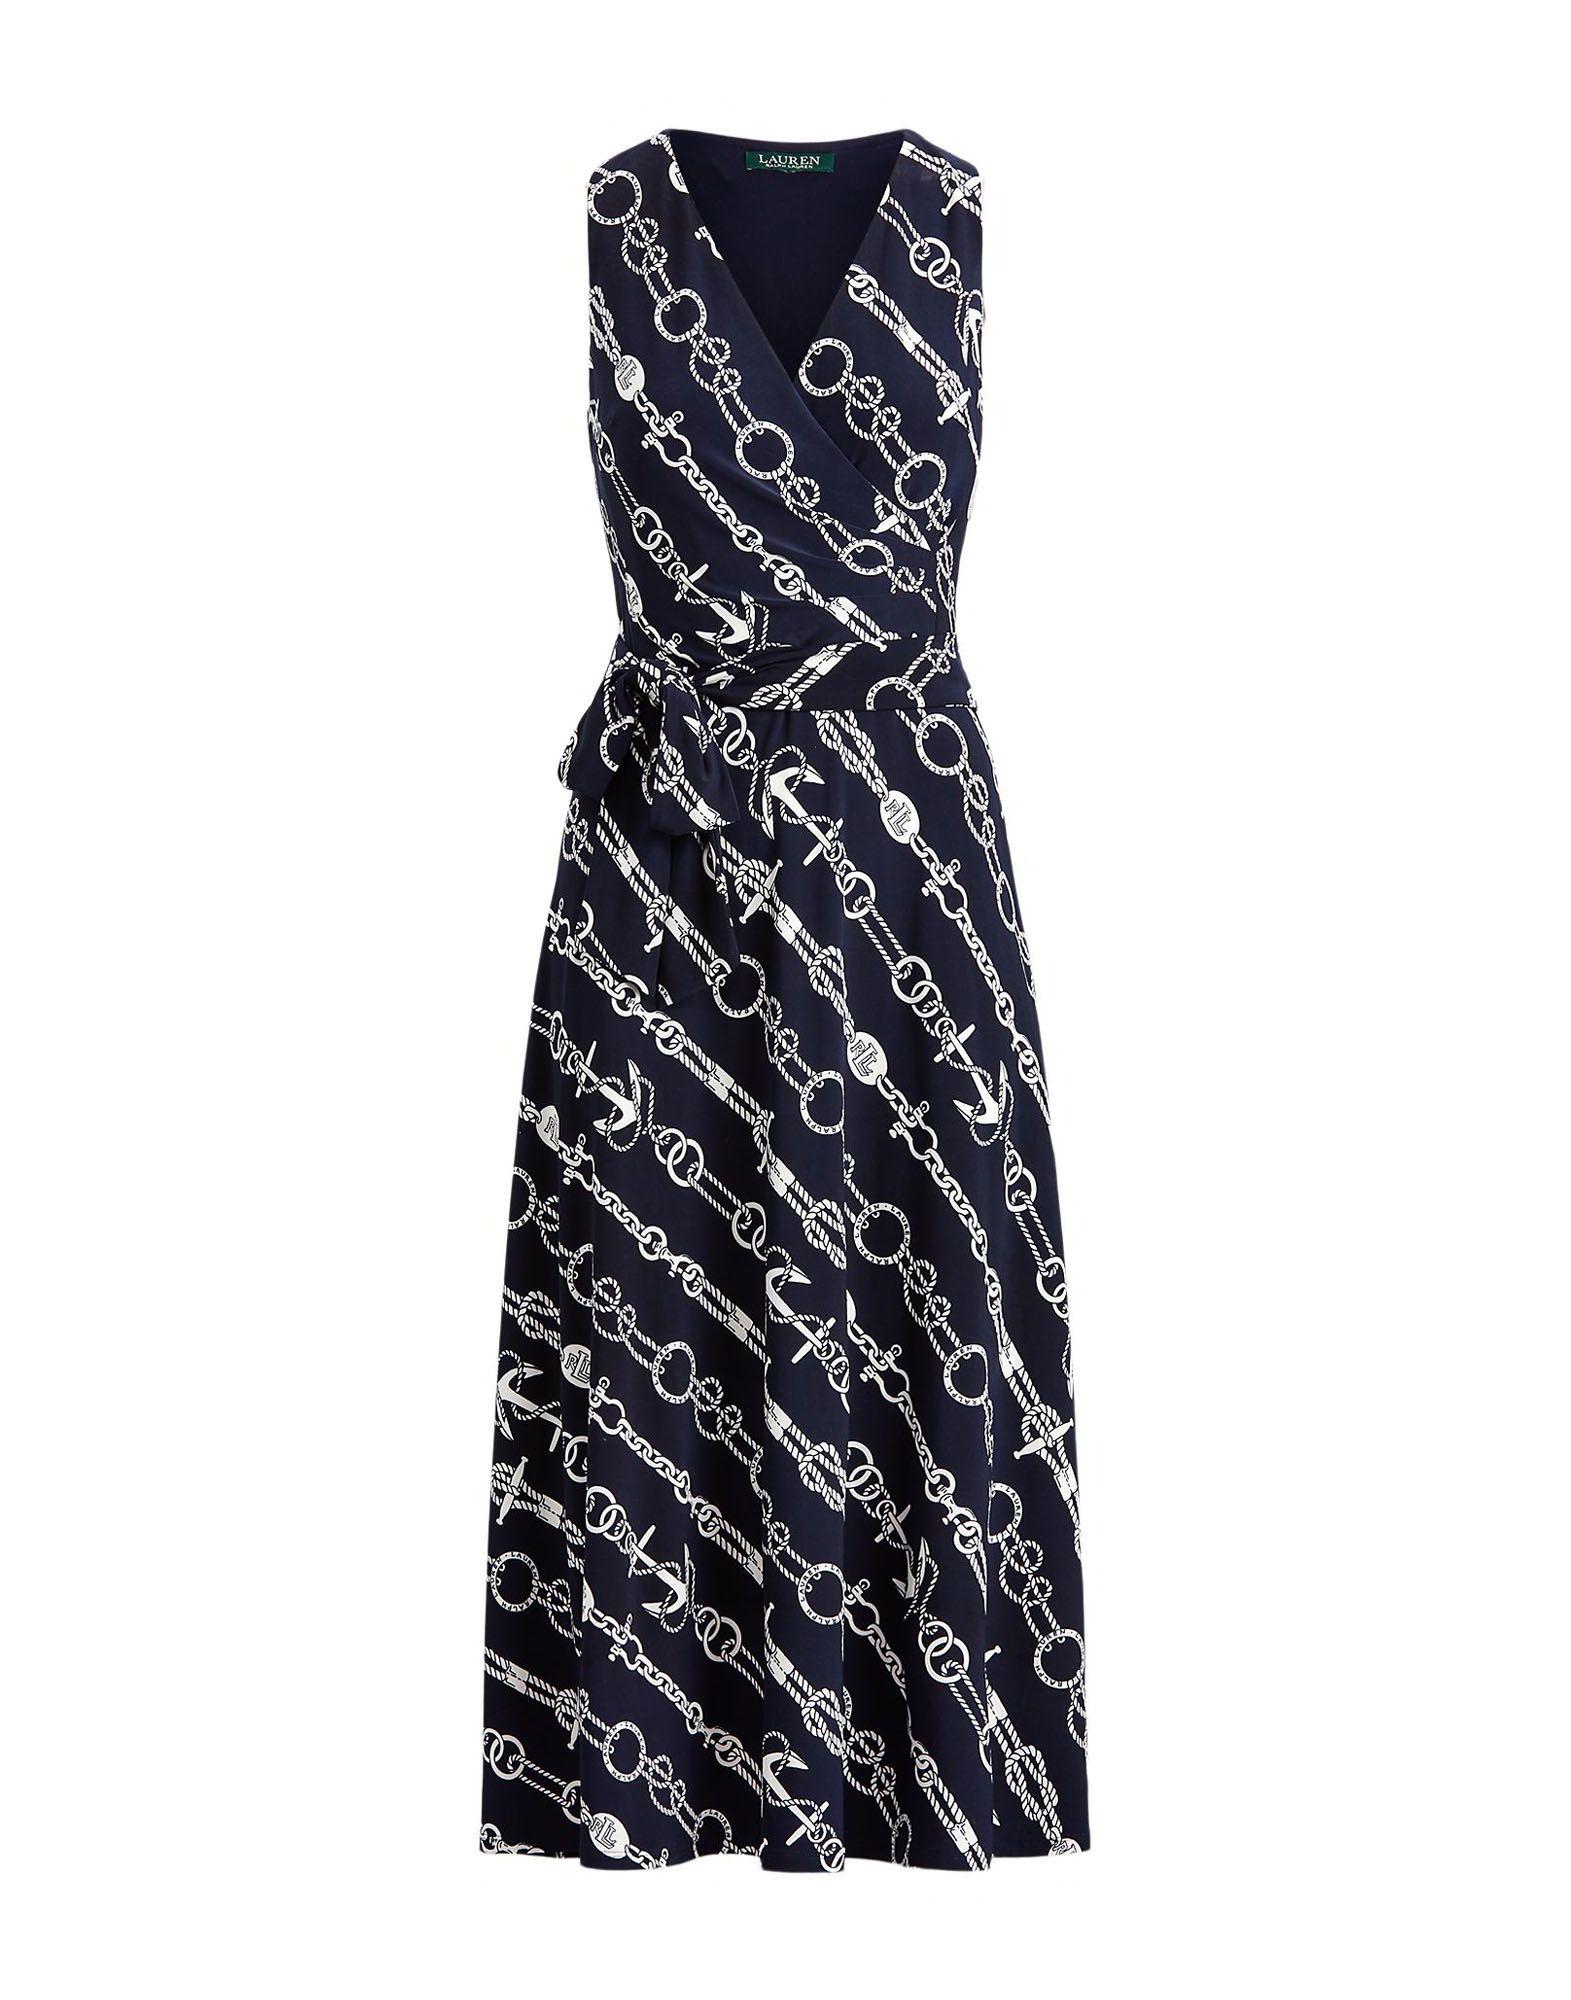 LAUREN RALPH LAUREN Платье длиной 3/4 lauren ralph lauren new black colorblock sleeveless dress 4 $124 dbfl page 4